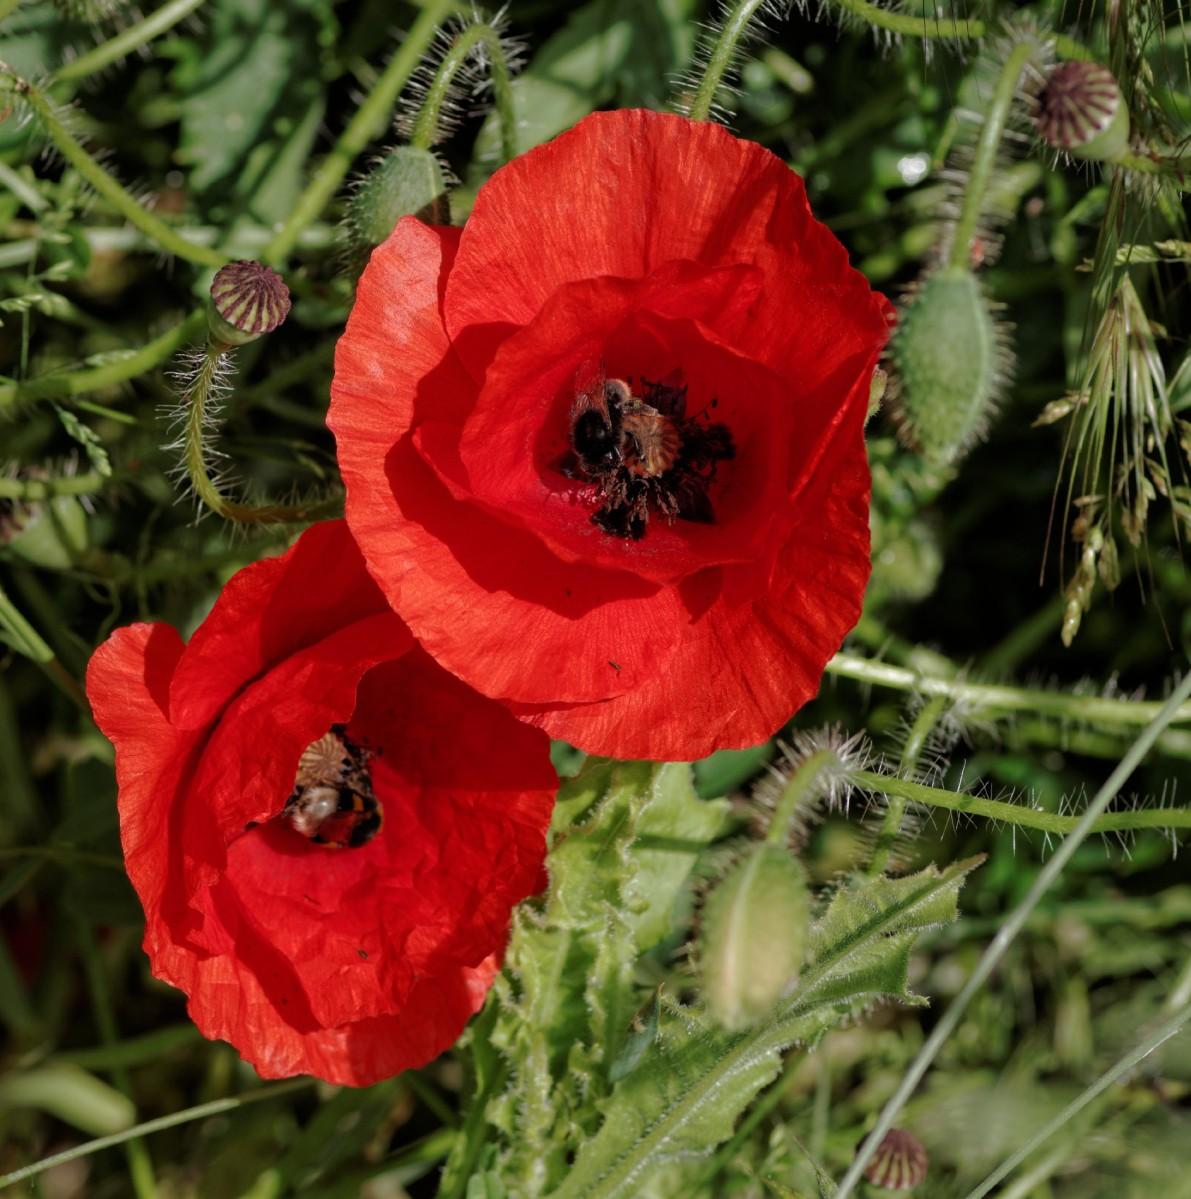 fleurs, coquelicots, faune et flore, rouge